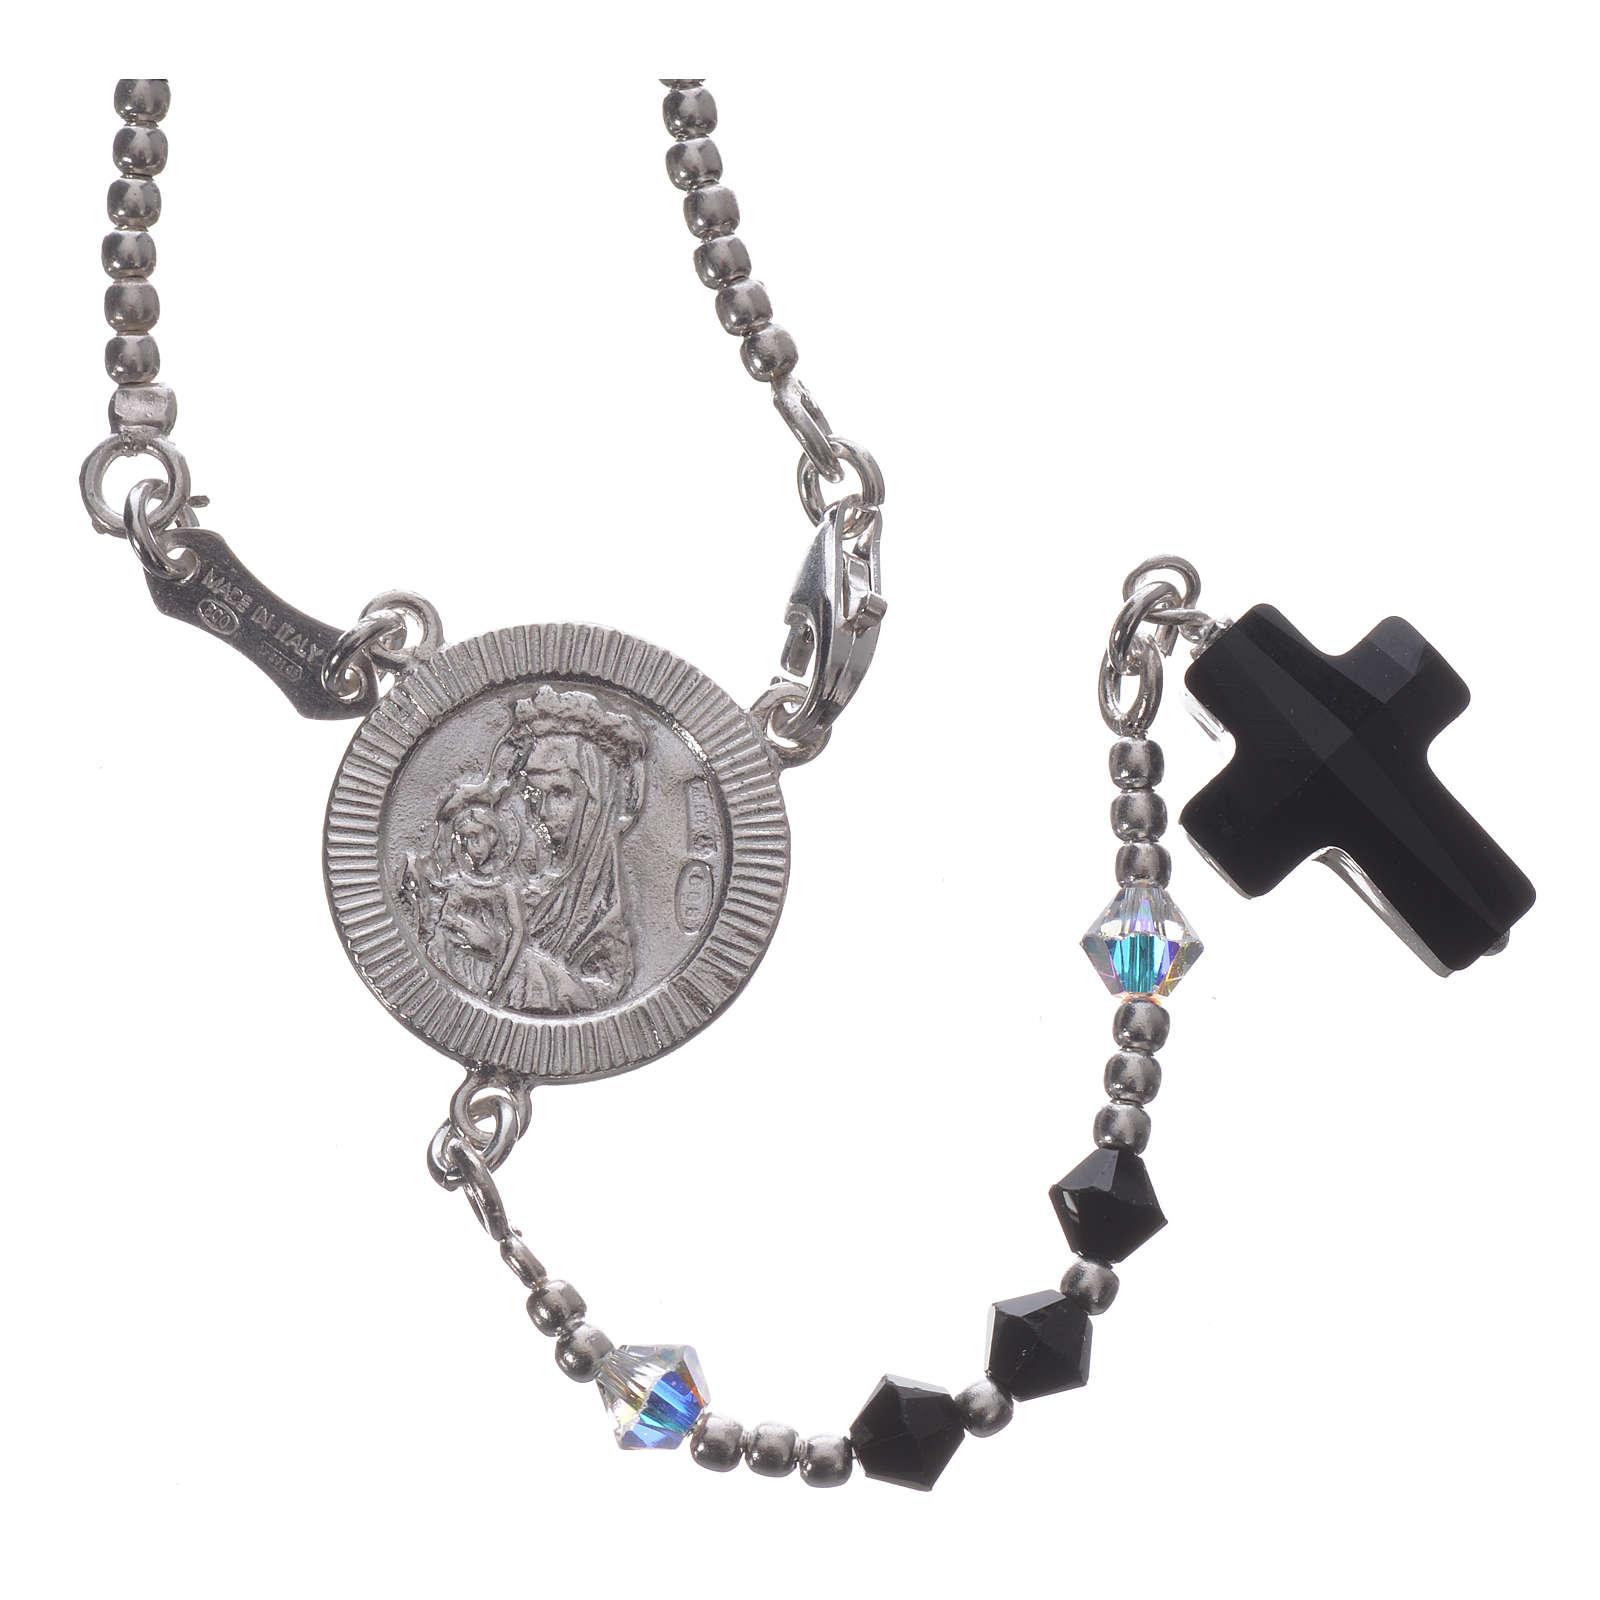 Rosenkranz Silber 925 und schwarzen Swarovski 4mm 4